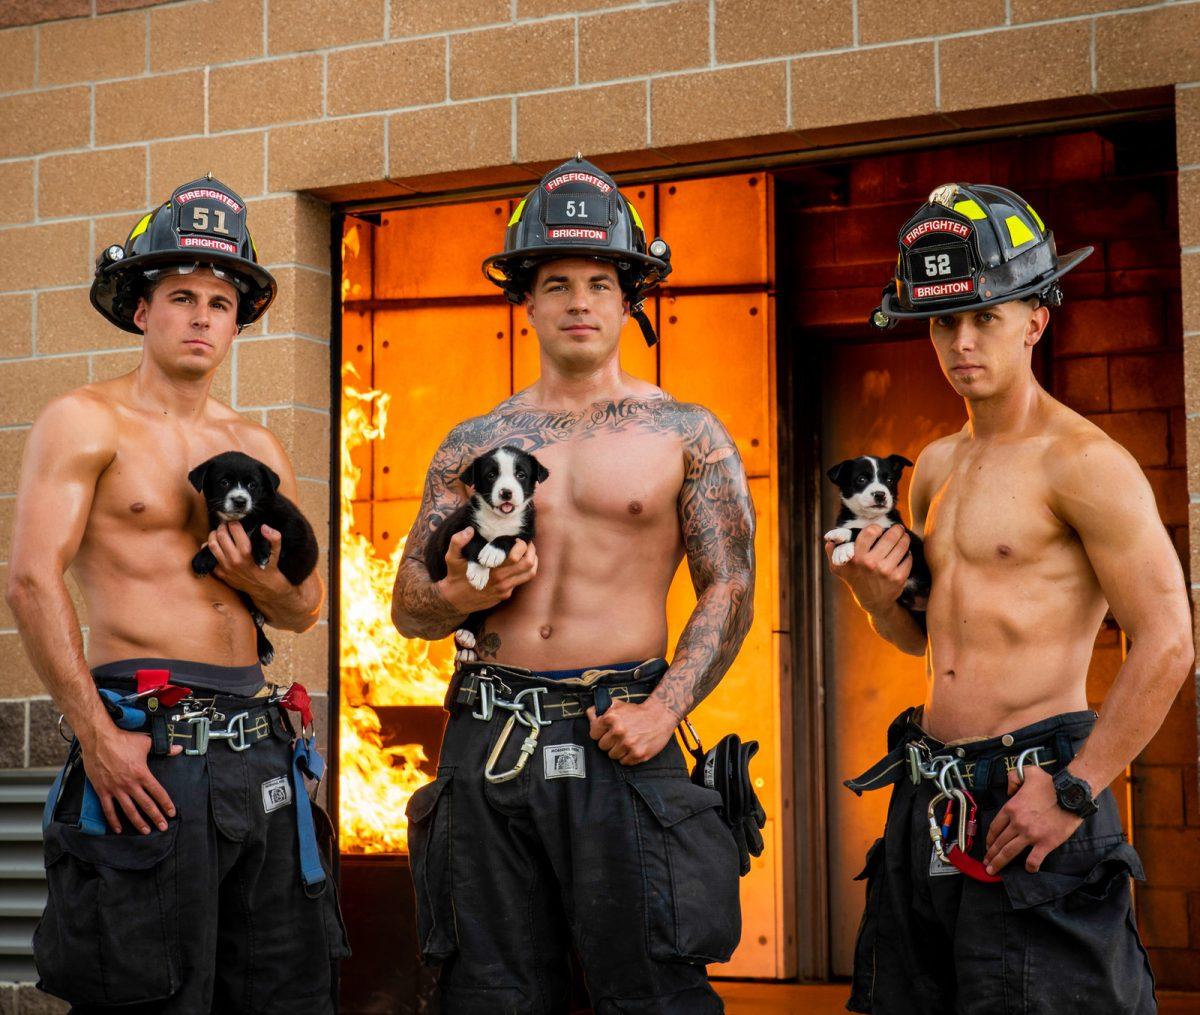 Koledar, poln lepih gasilcev in srčkanih mladičkov